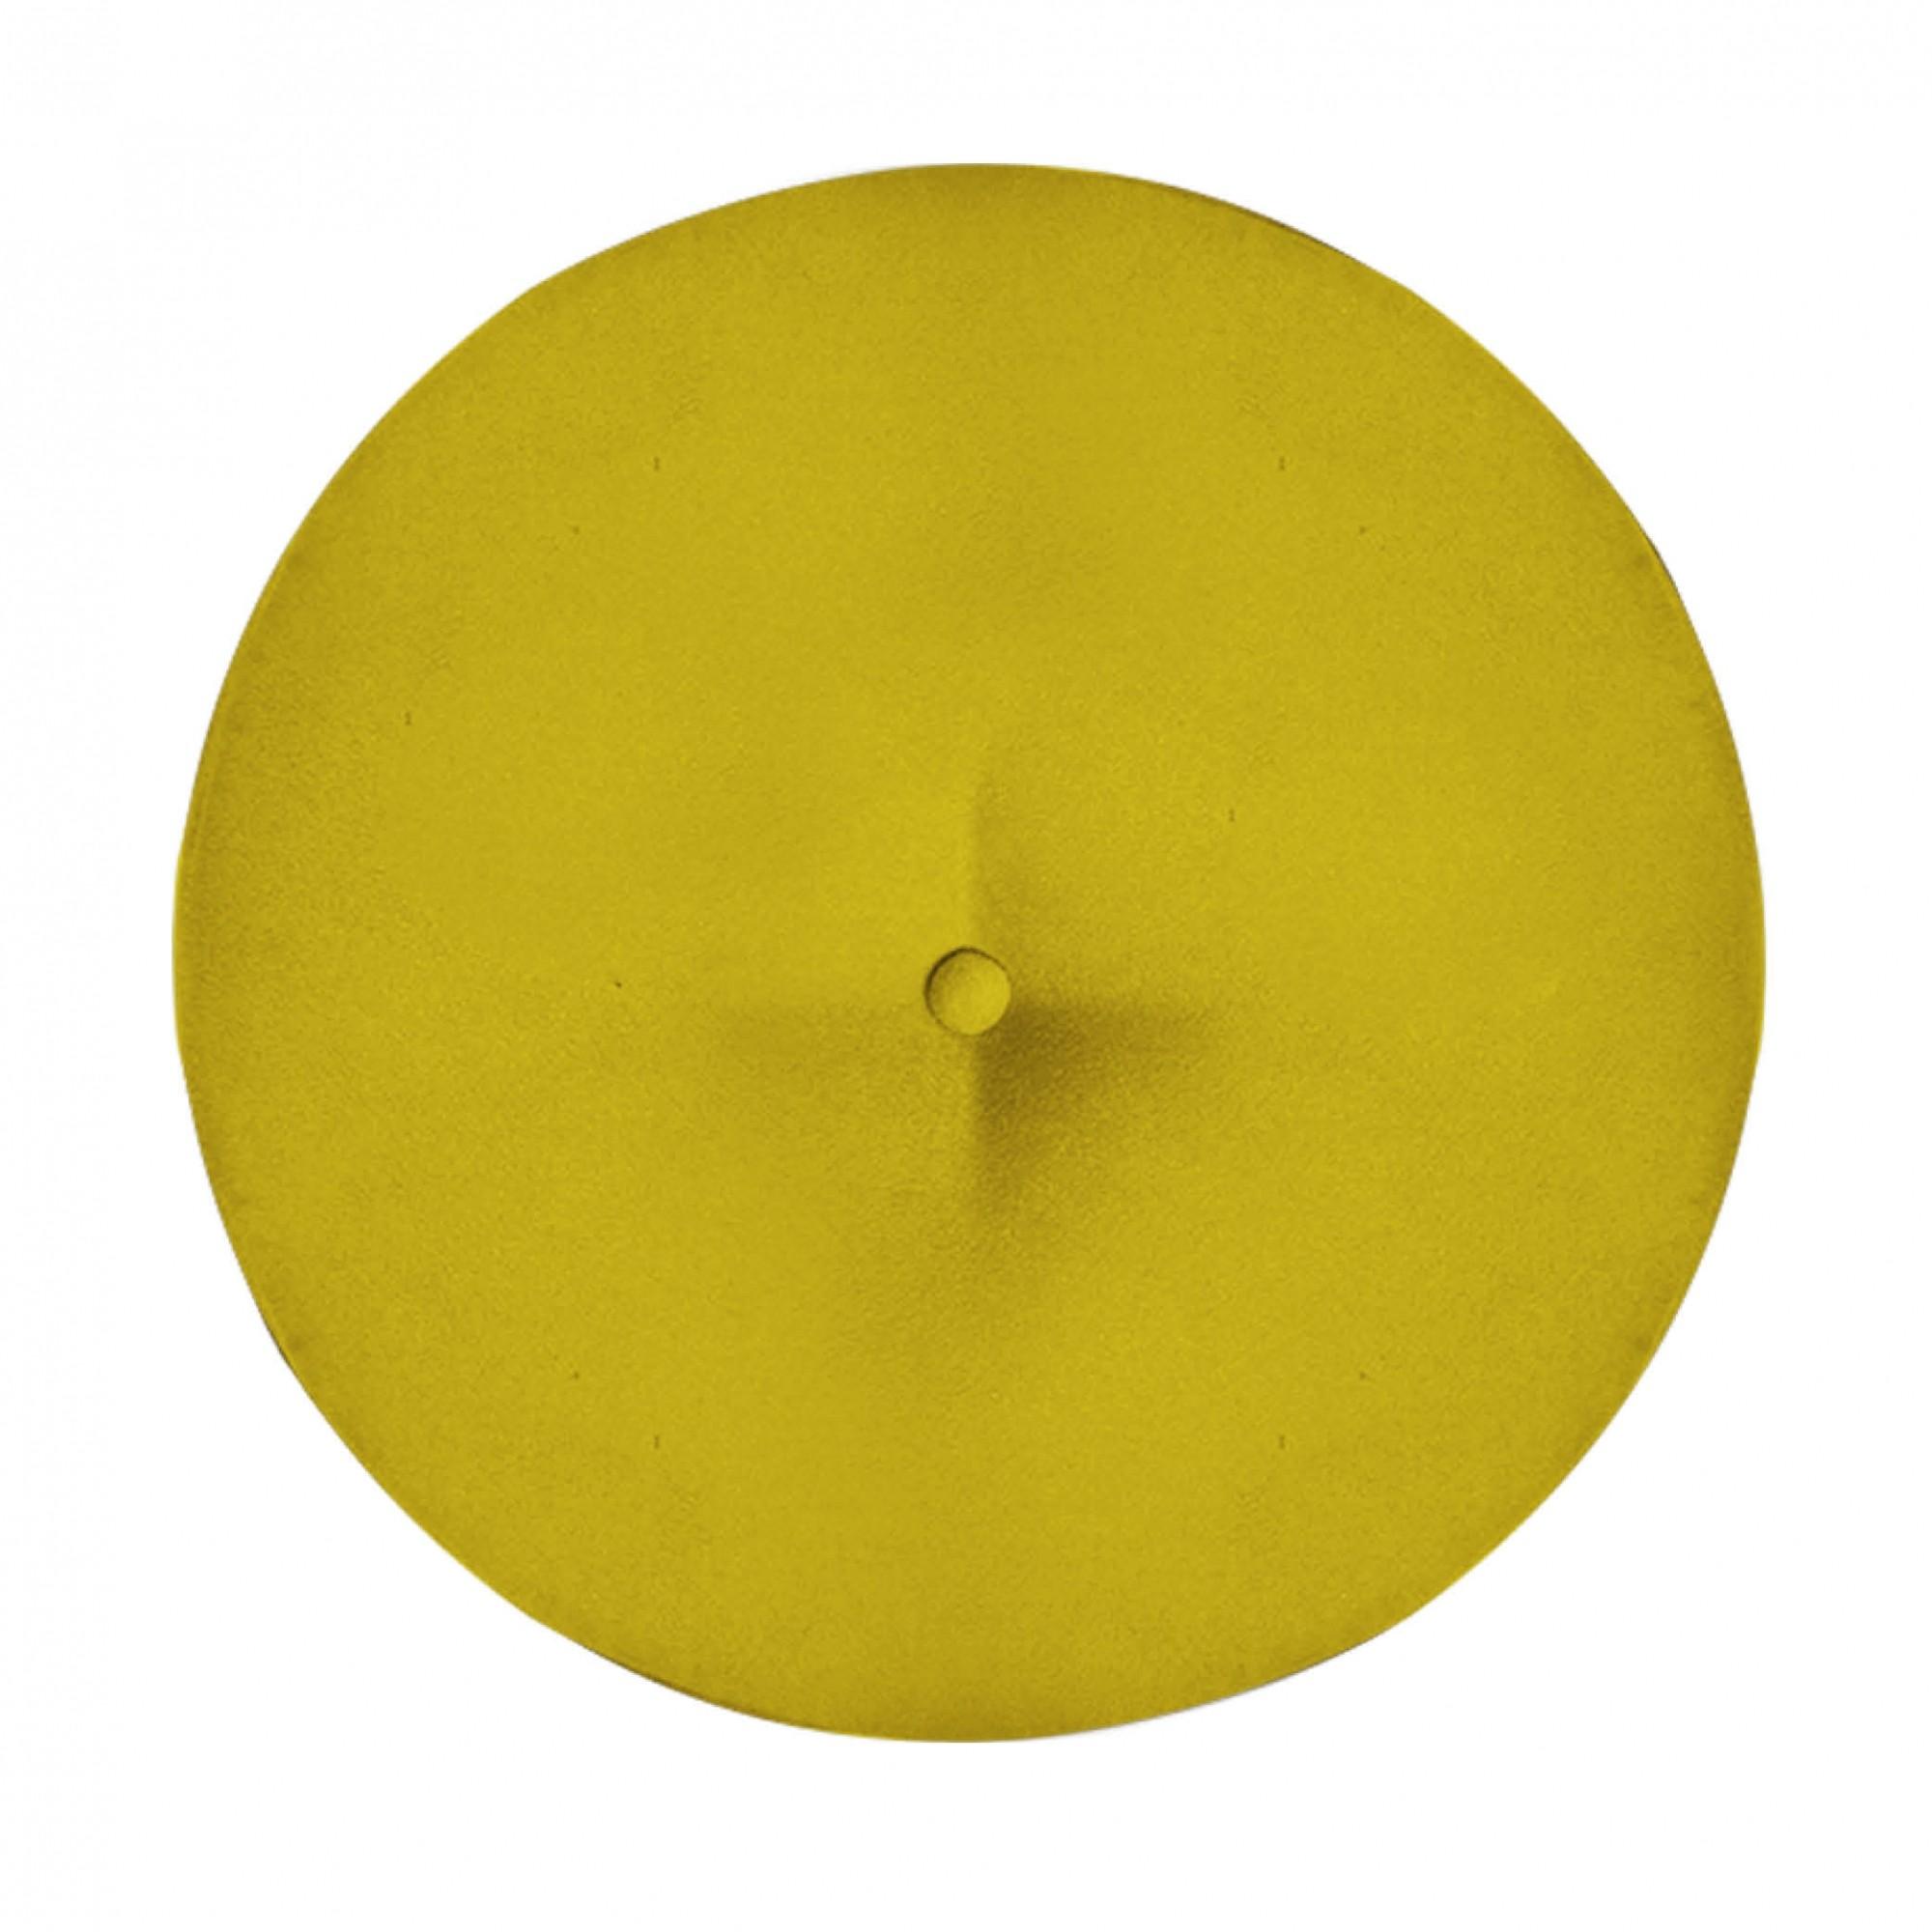 Kit 03 Puffs Duda Decorativa Sala de Estar Recepção Pé Palito Suede Amarelo D04 - D´Classe Decor